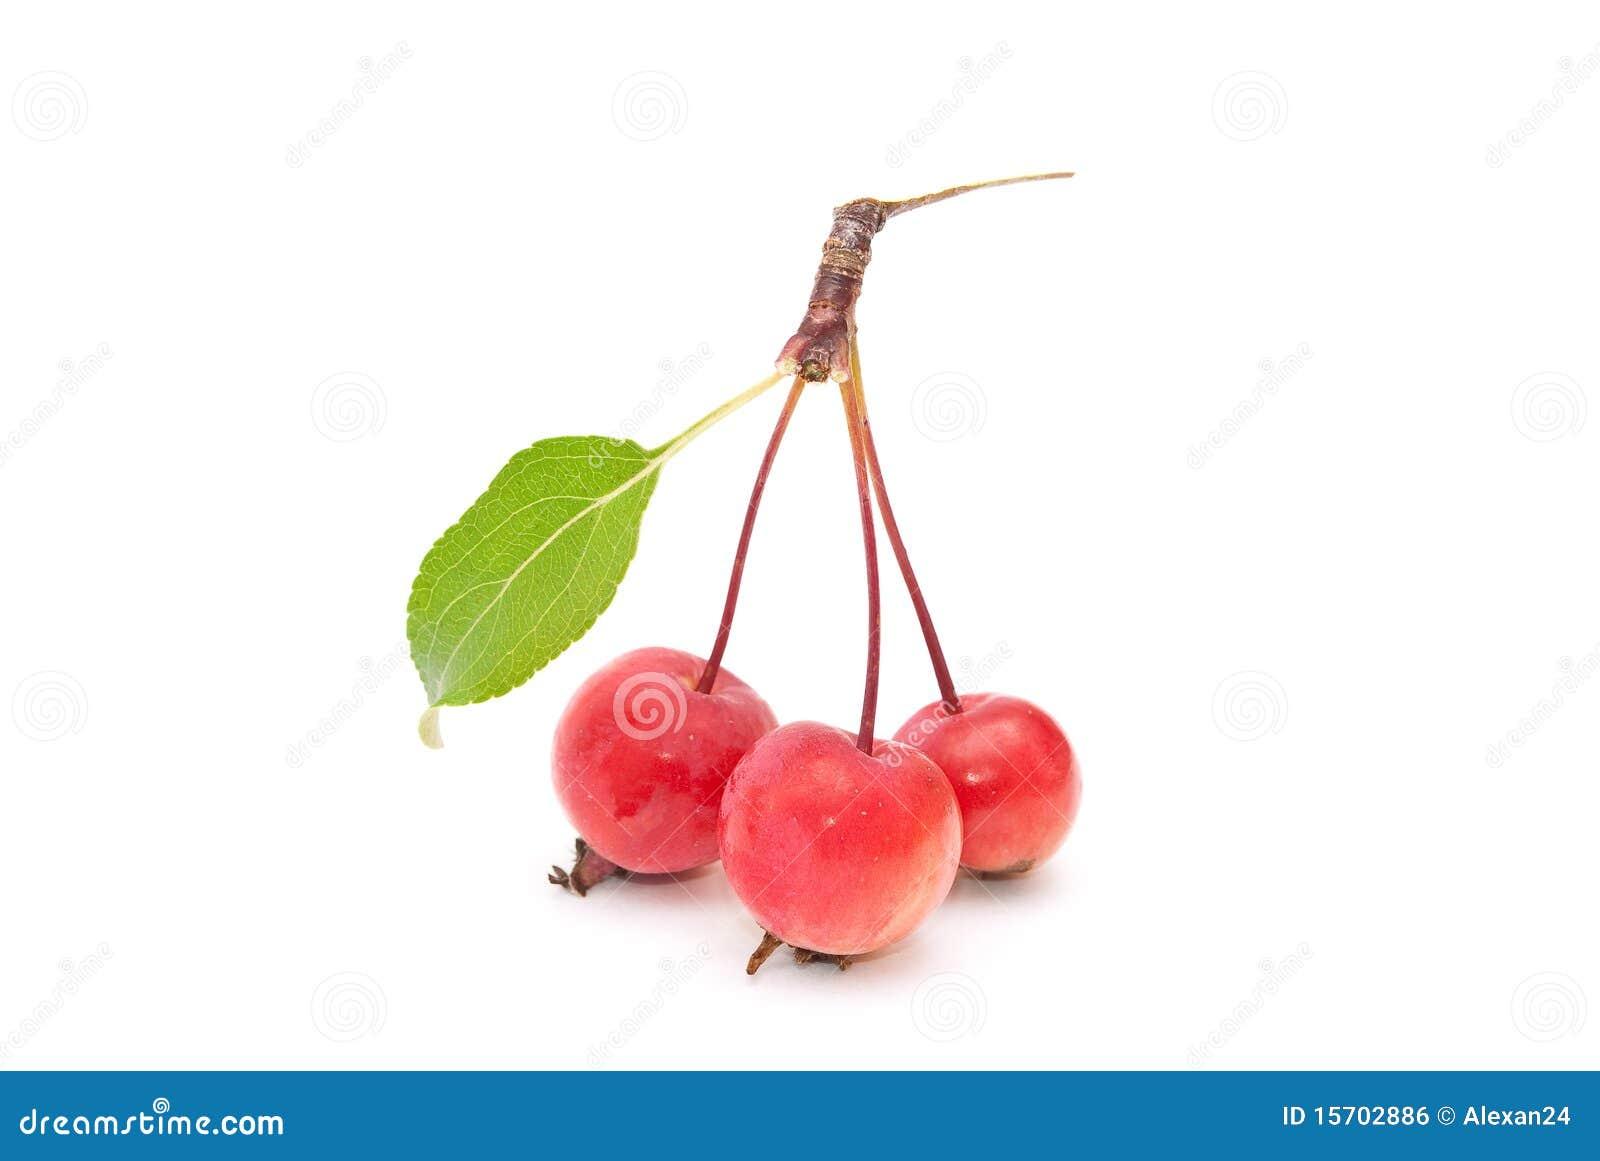 Super Kleine Äpfel stockfoto. Bild von gesund, apfel, sommer - 15702886 &EE_33